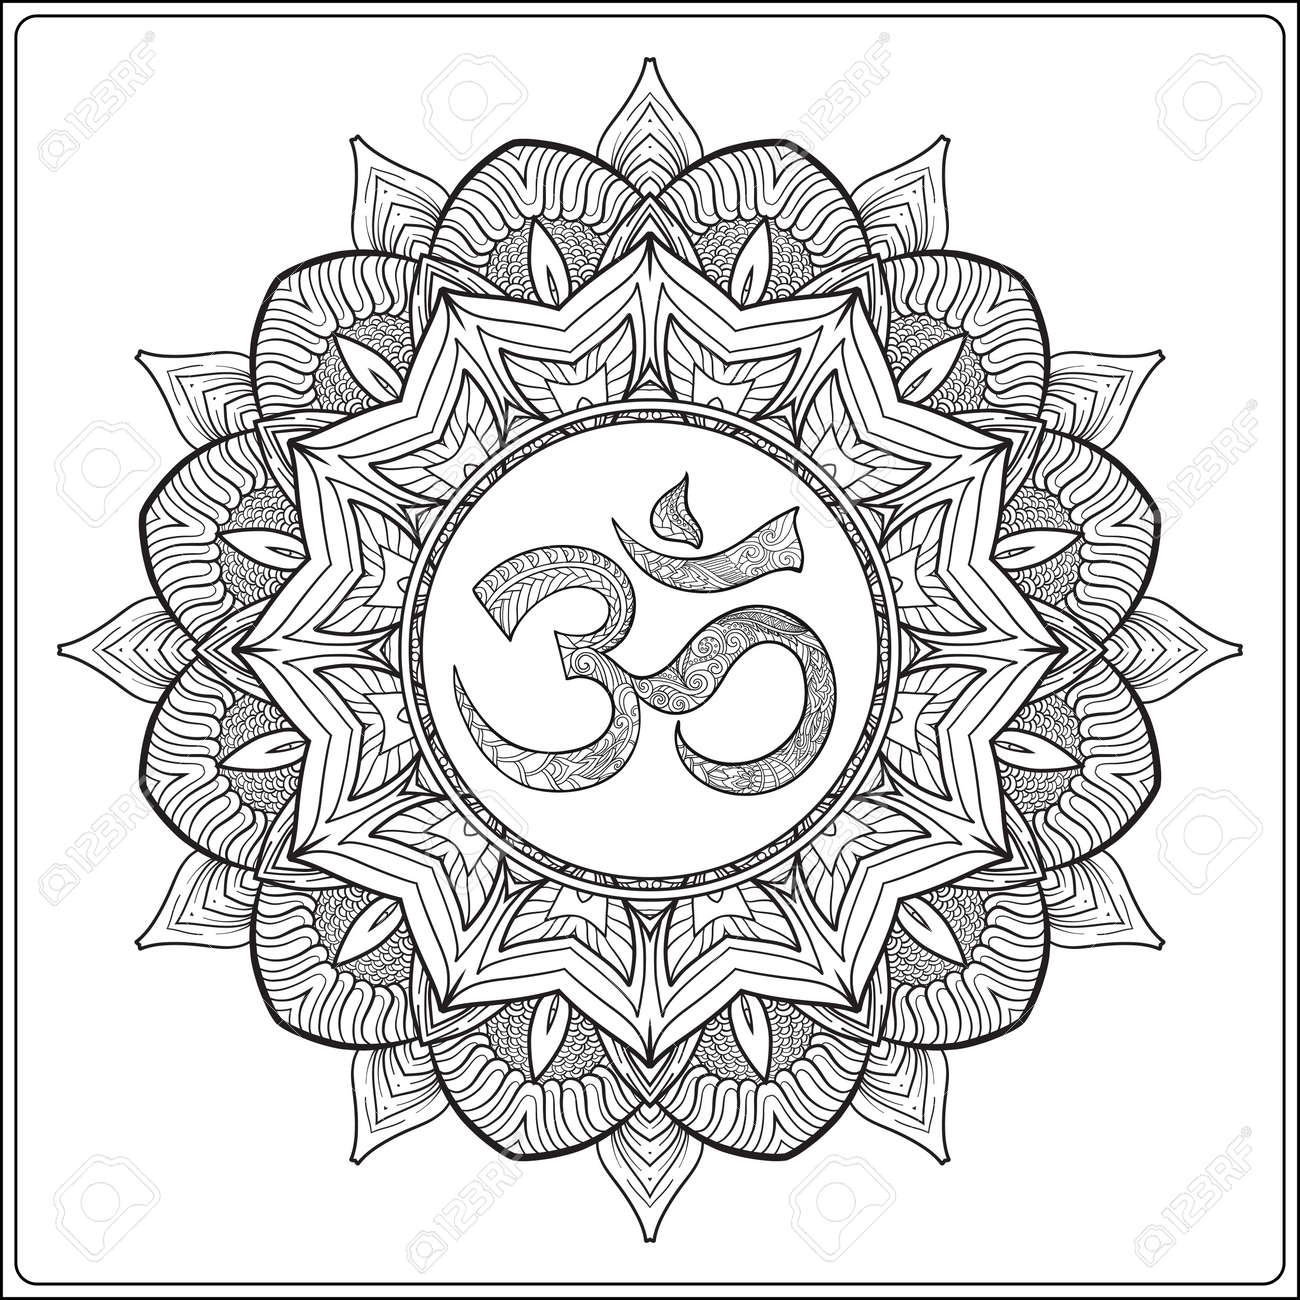 Deco Mandala Con Om Señal Diseño Modelado Del Elemento Amuleto étnico Lucha Contra El Estrés Colorear Libro Para Adultos Esbozar Dibujo Para